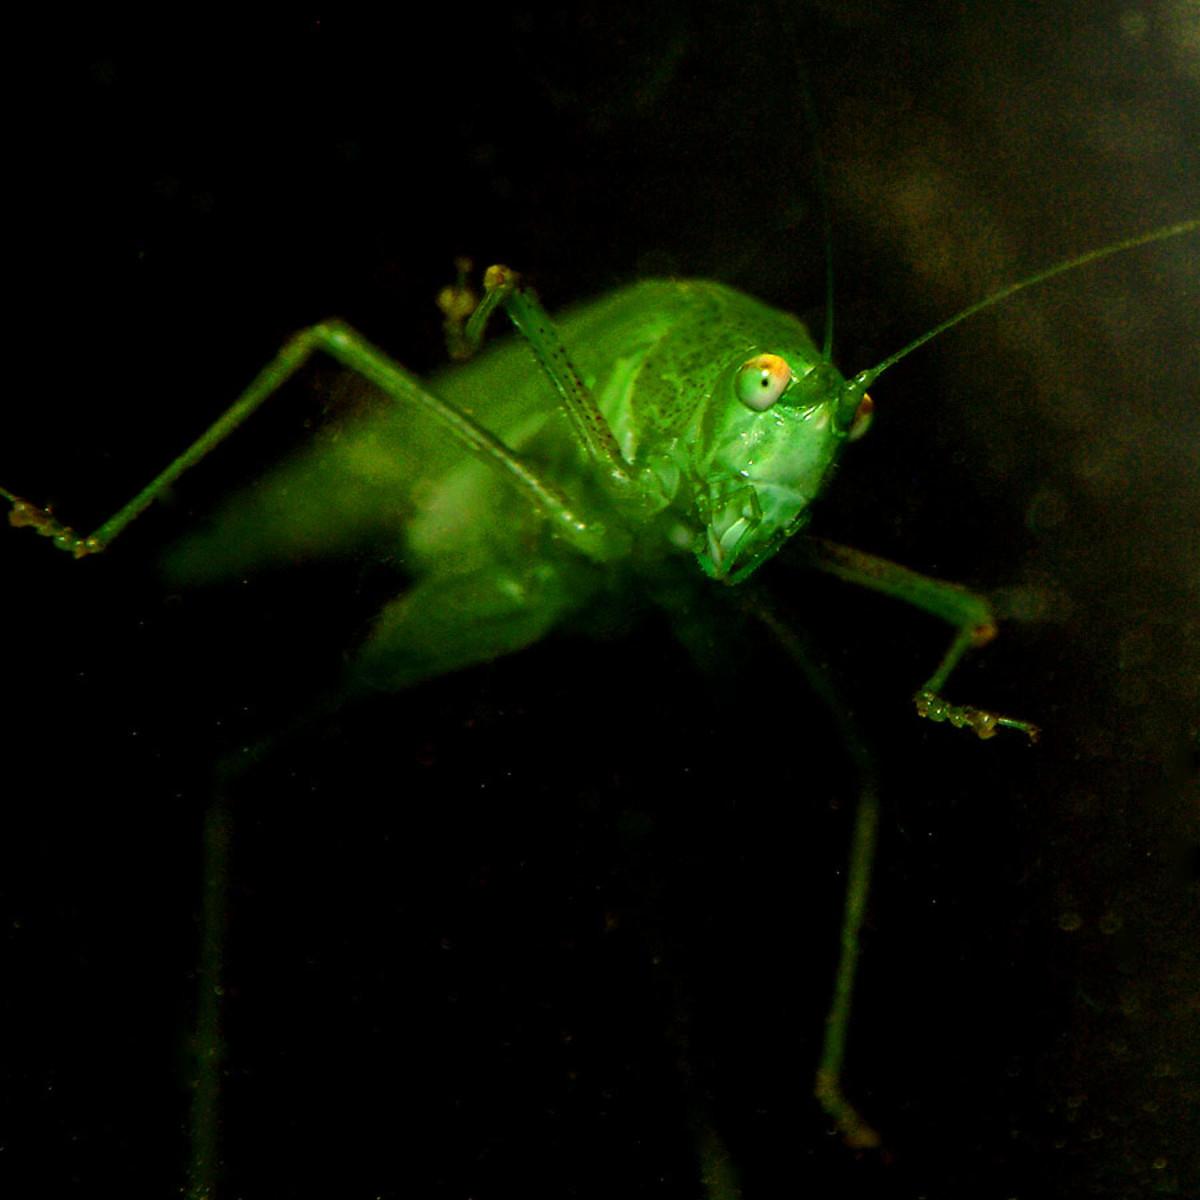 Creepy Green Grasshopper Face